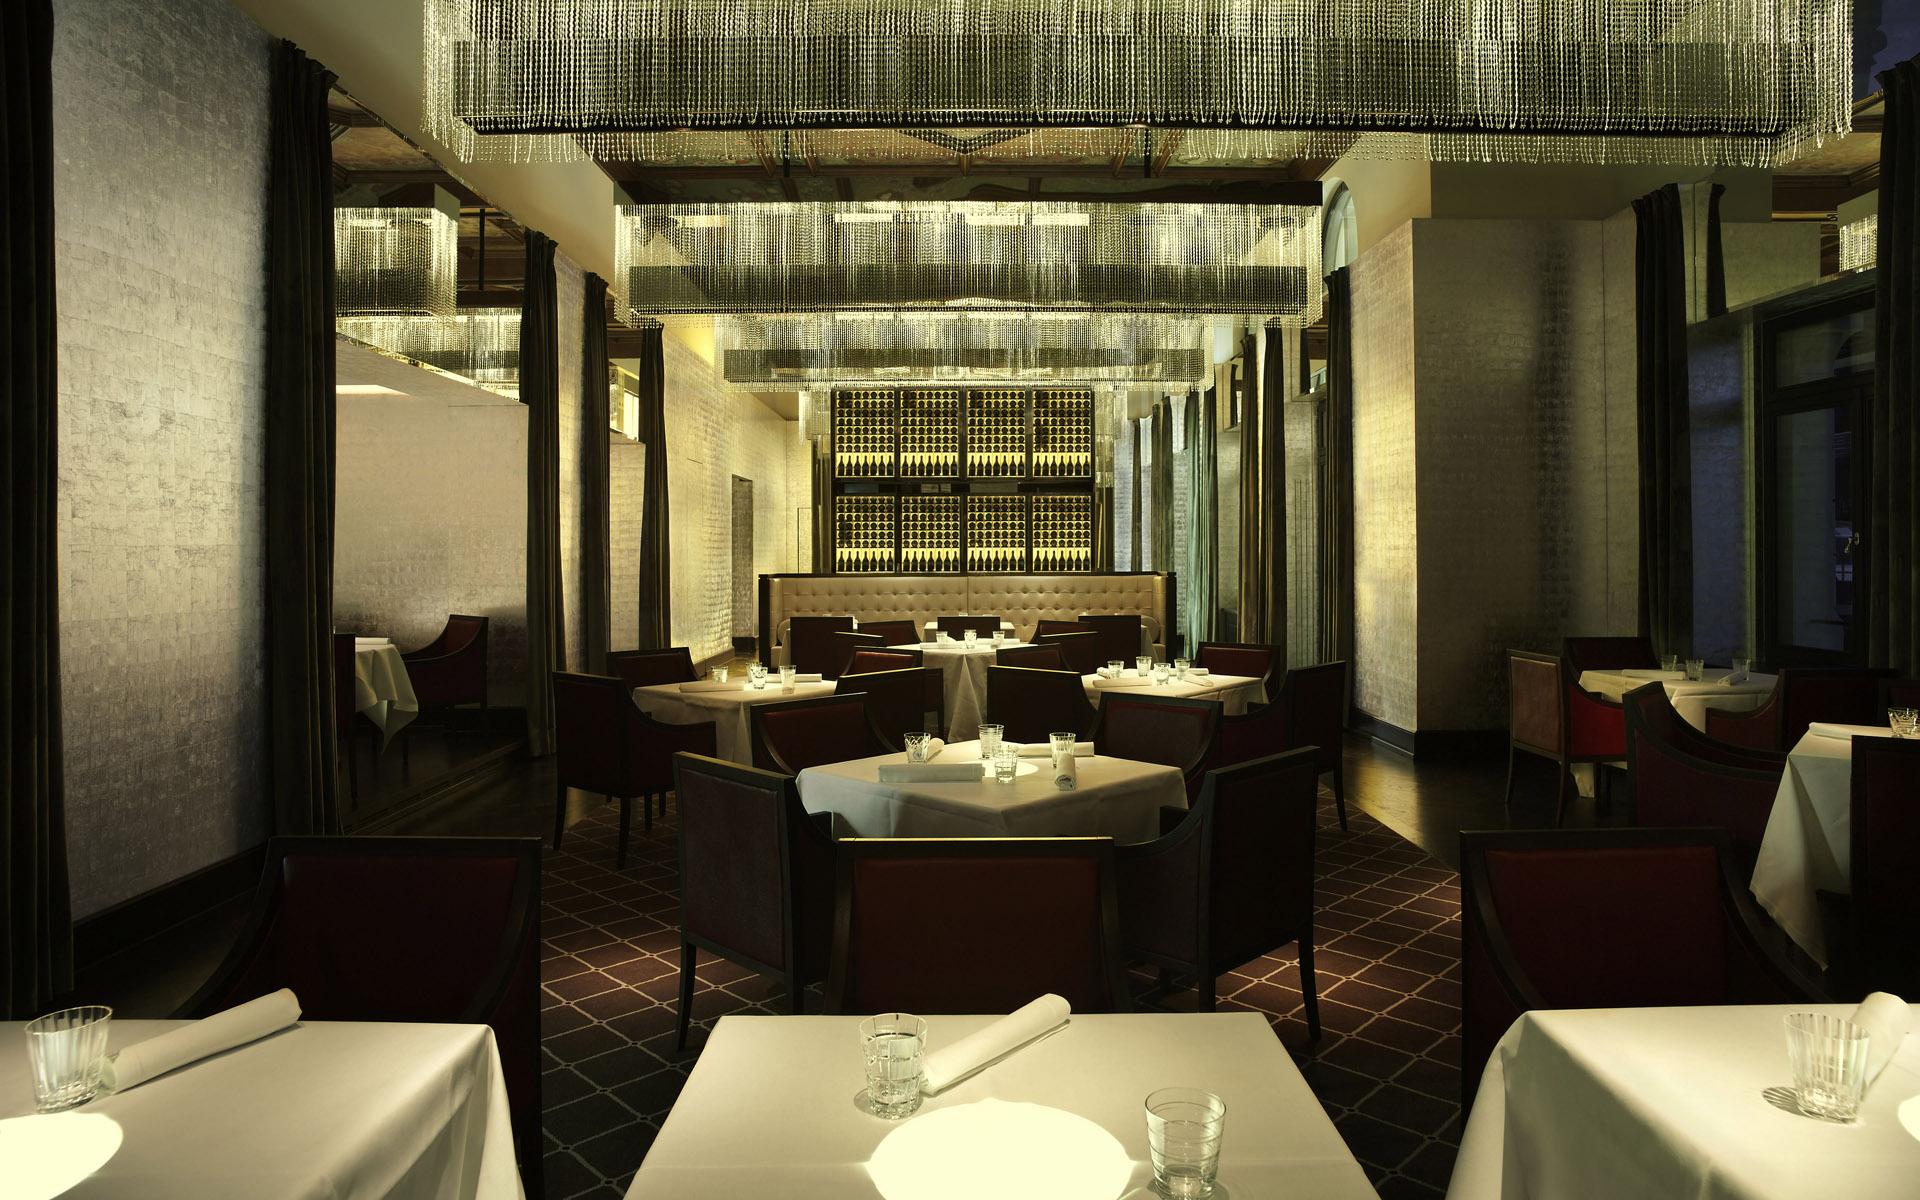 restaurant interior design idea